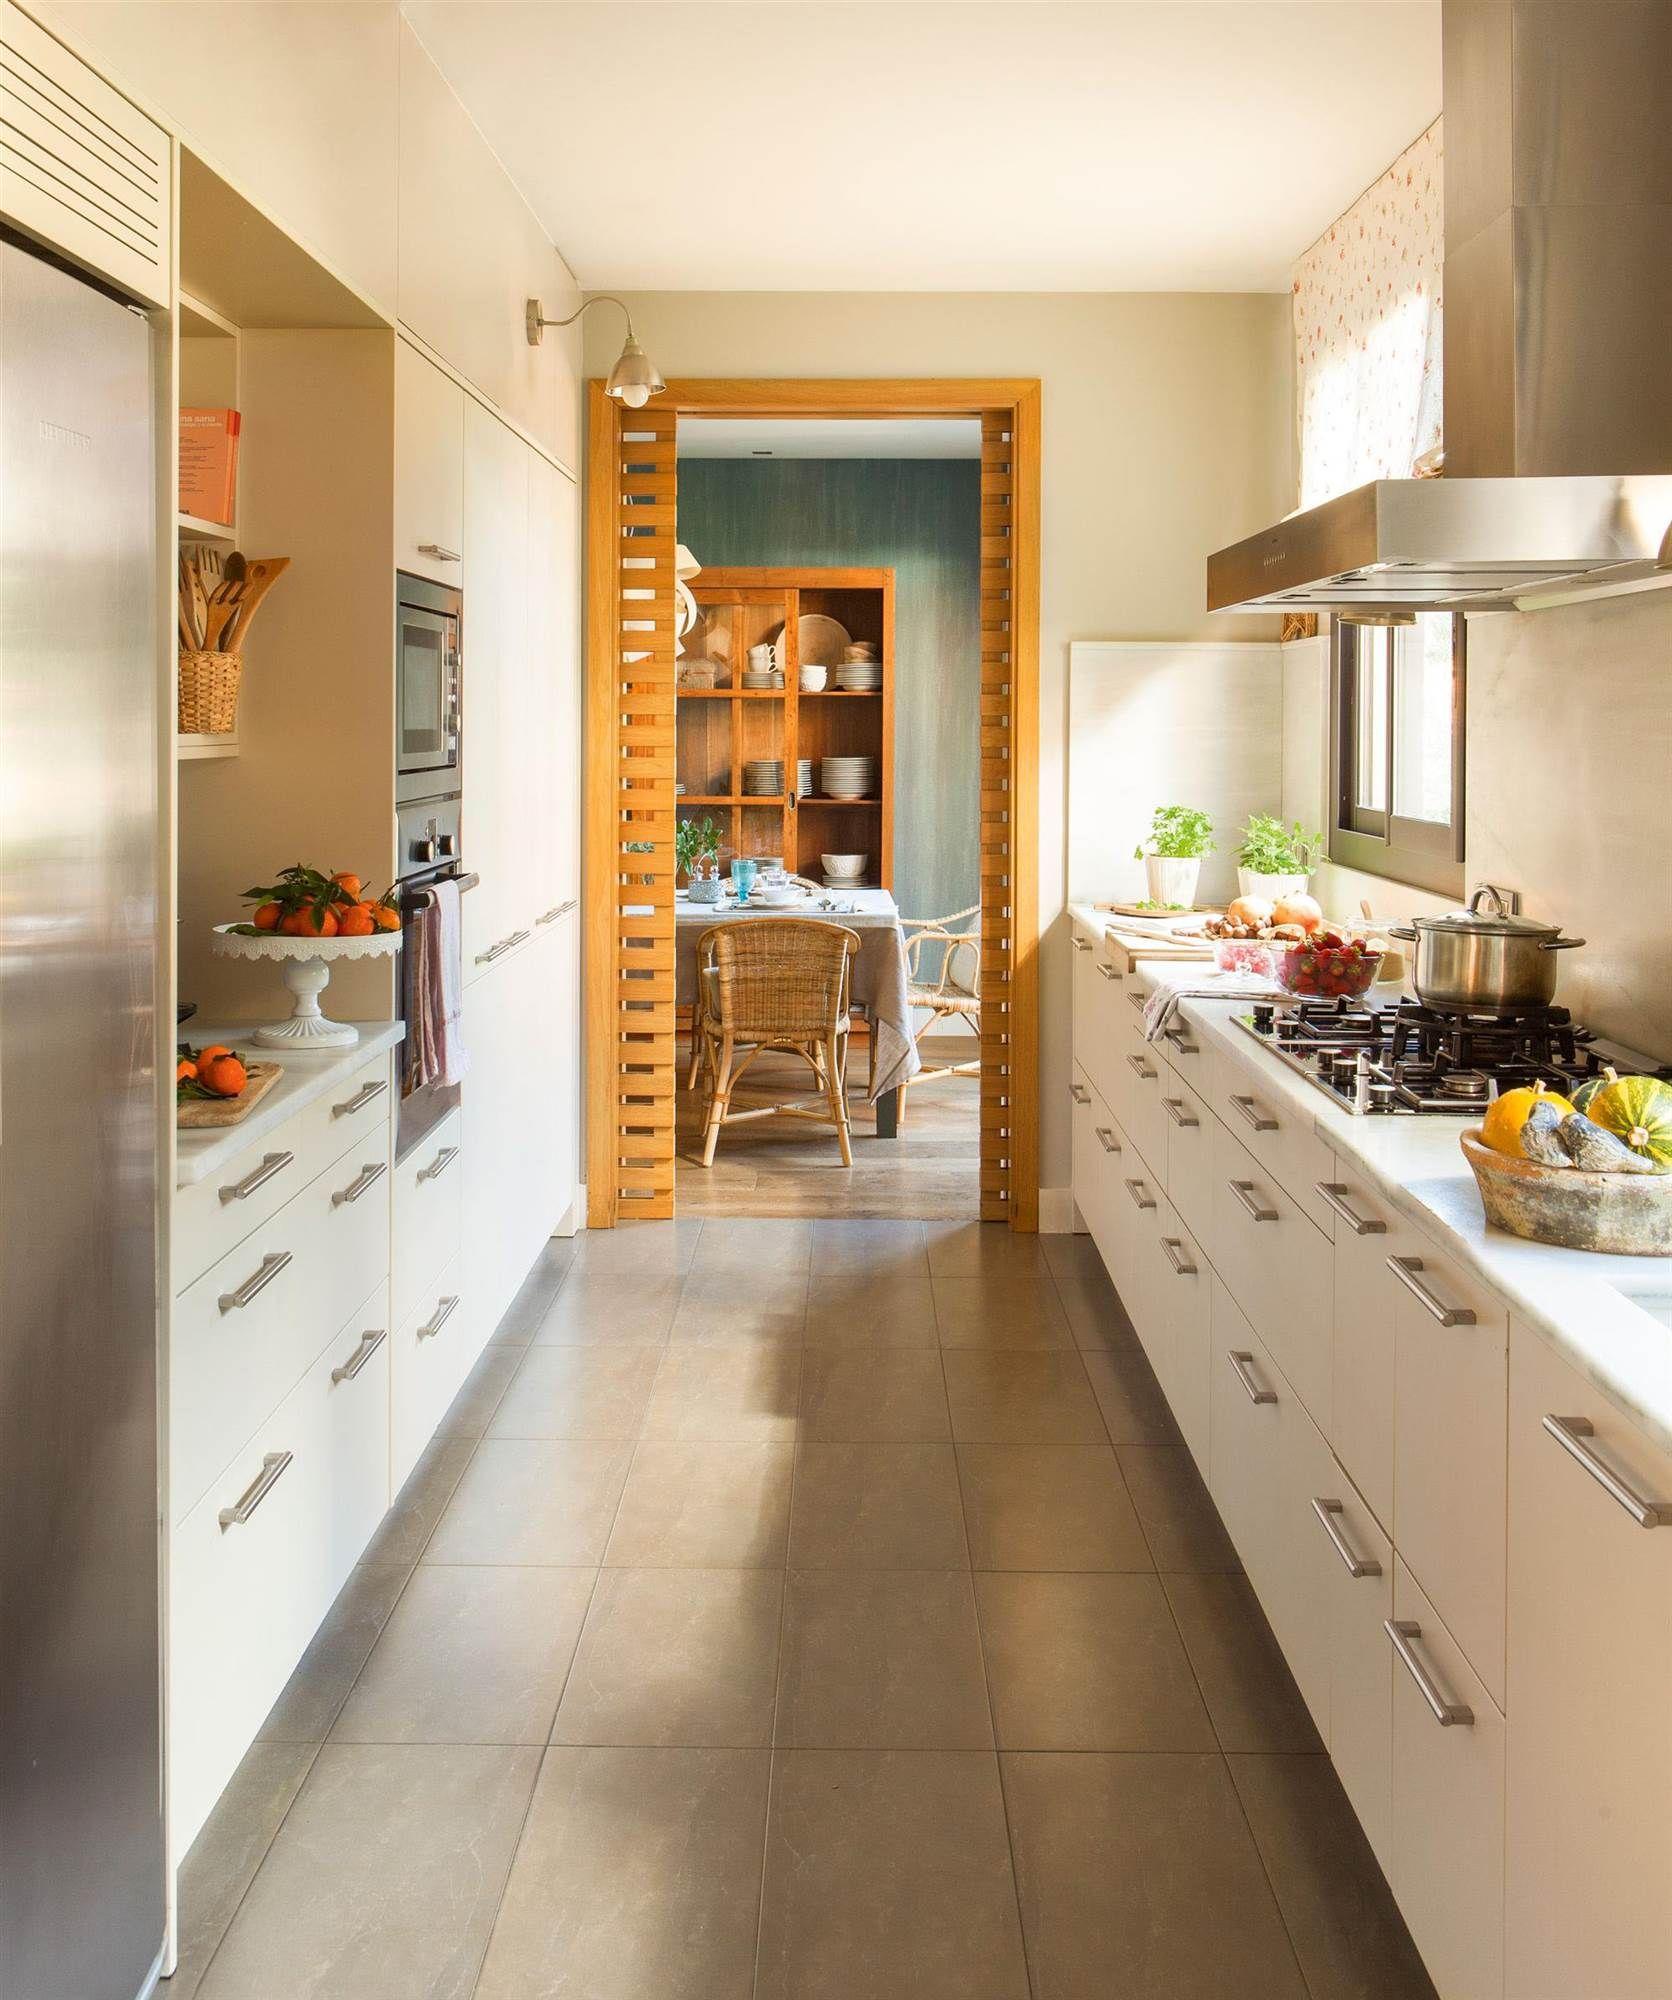 Cocina blanca distribucion en paralelo 00421119 cocinas for Cocinas pequenas en paralelo